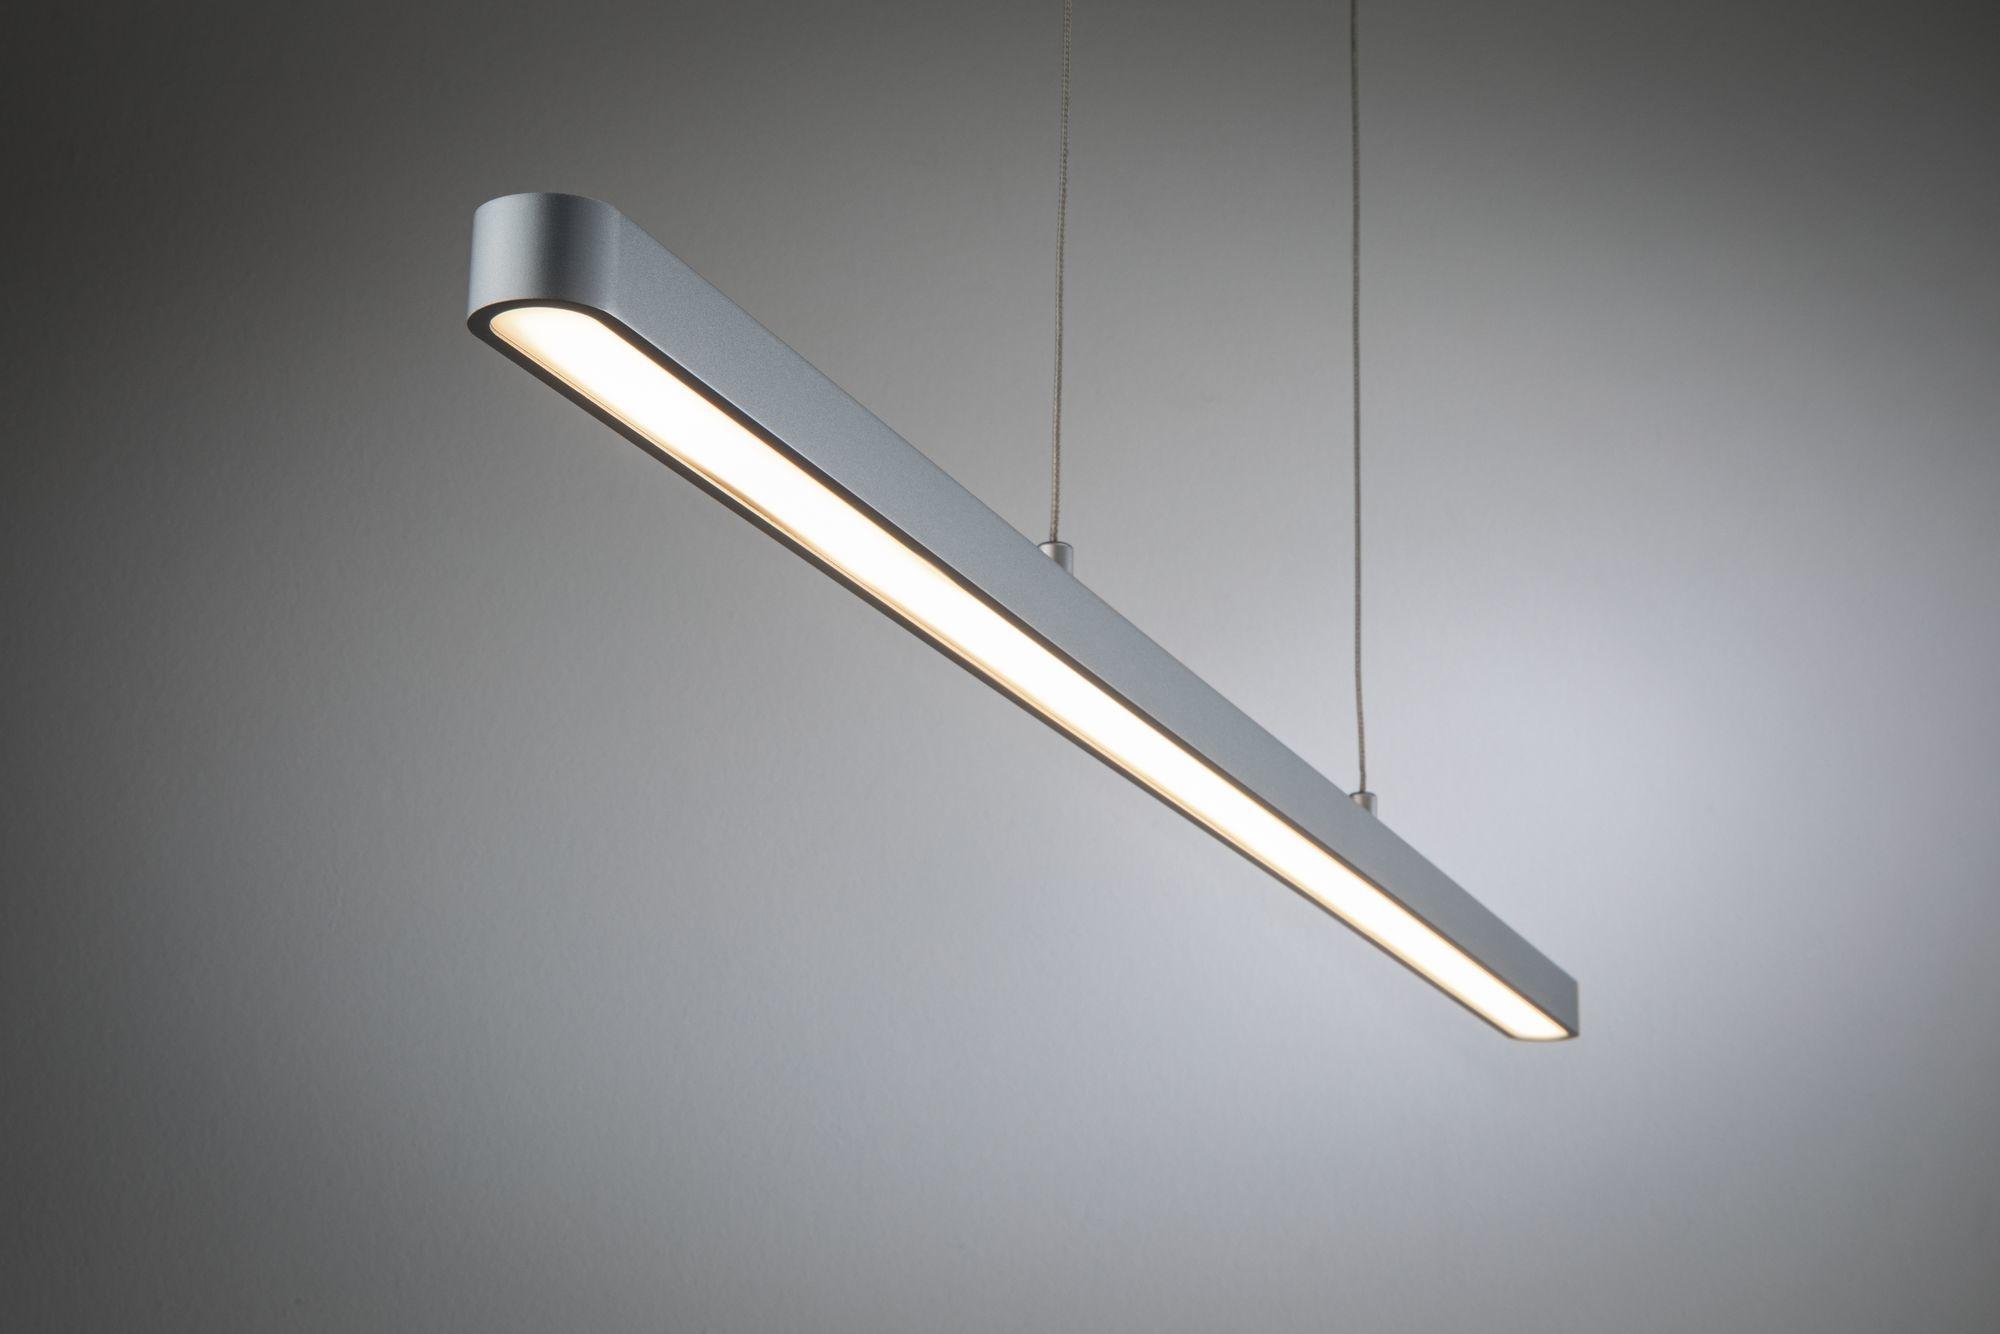 Paulmann URail LED Pendel Lento Chrom matt 41W dimmbar